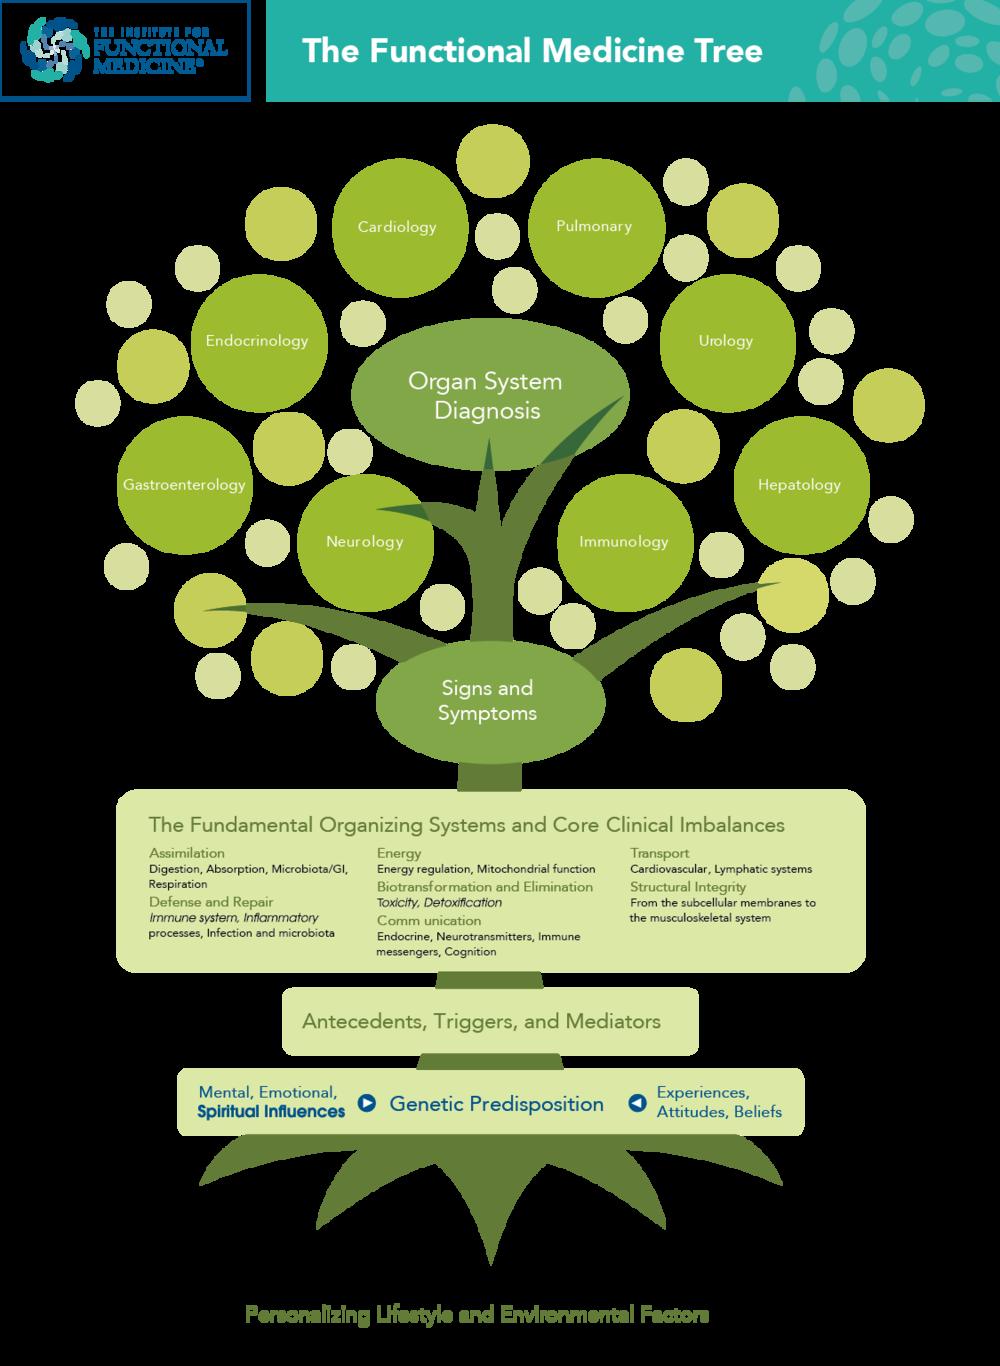 IFM - Functional Medicine Tree_v2.png